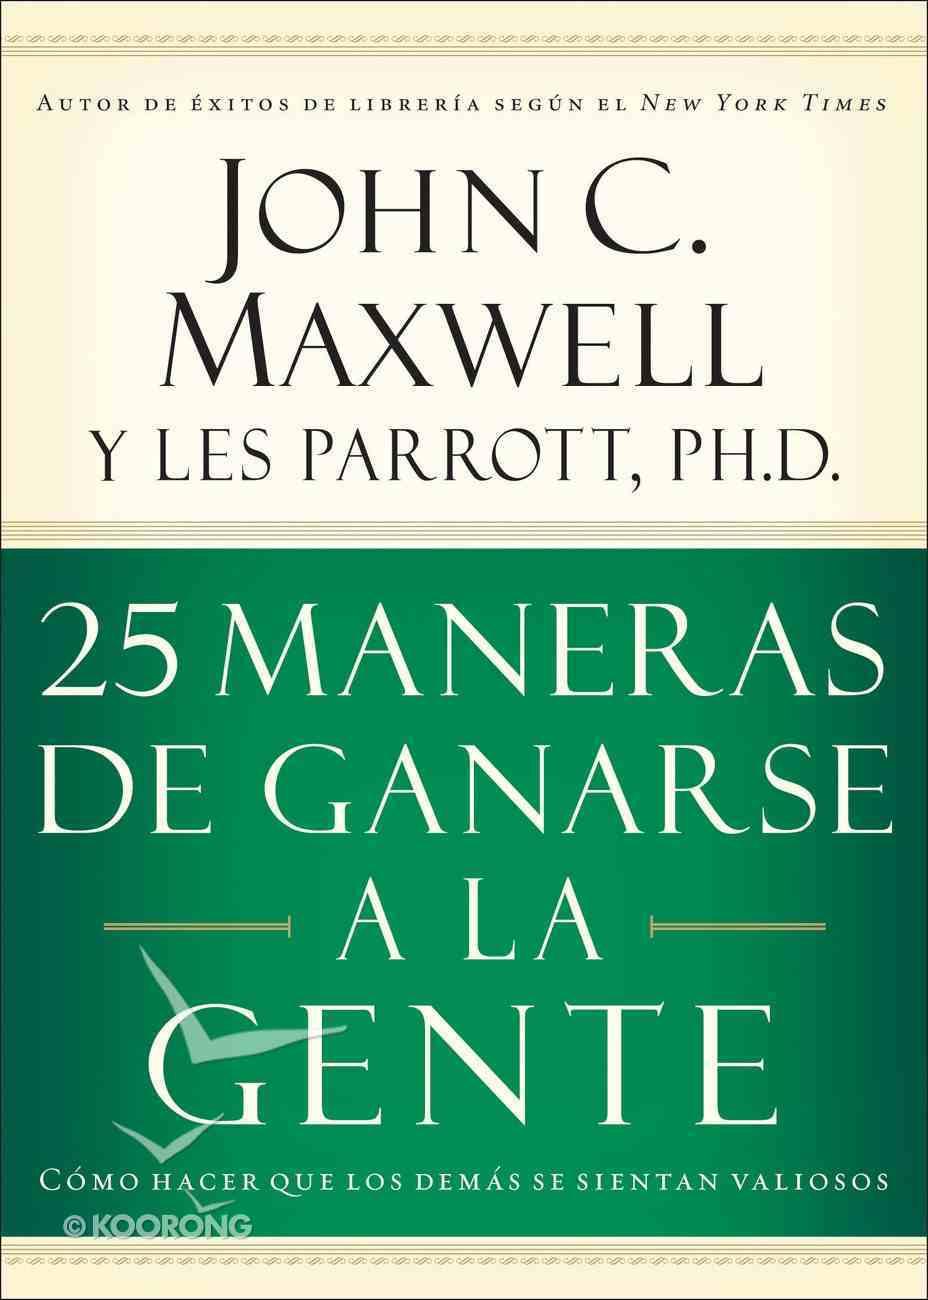 25 Maneras De Ganarse a La Gente (Spa) (25 Ways To Win With People) eBook